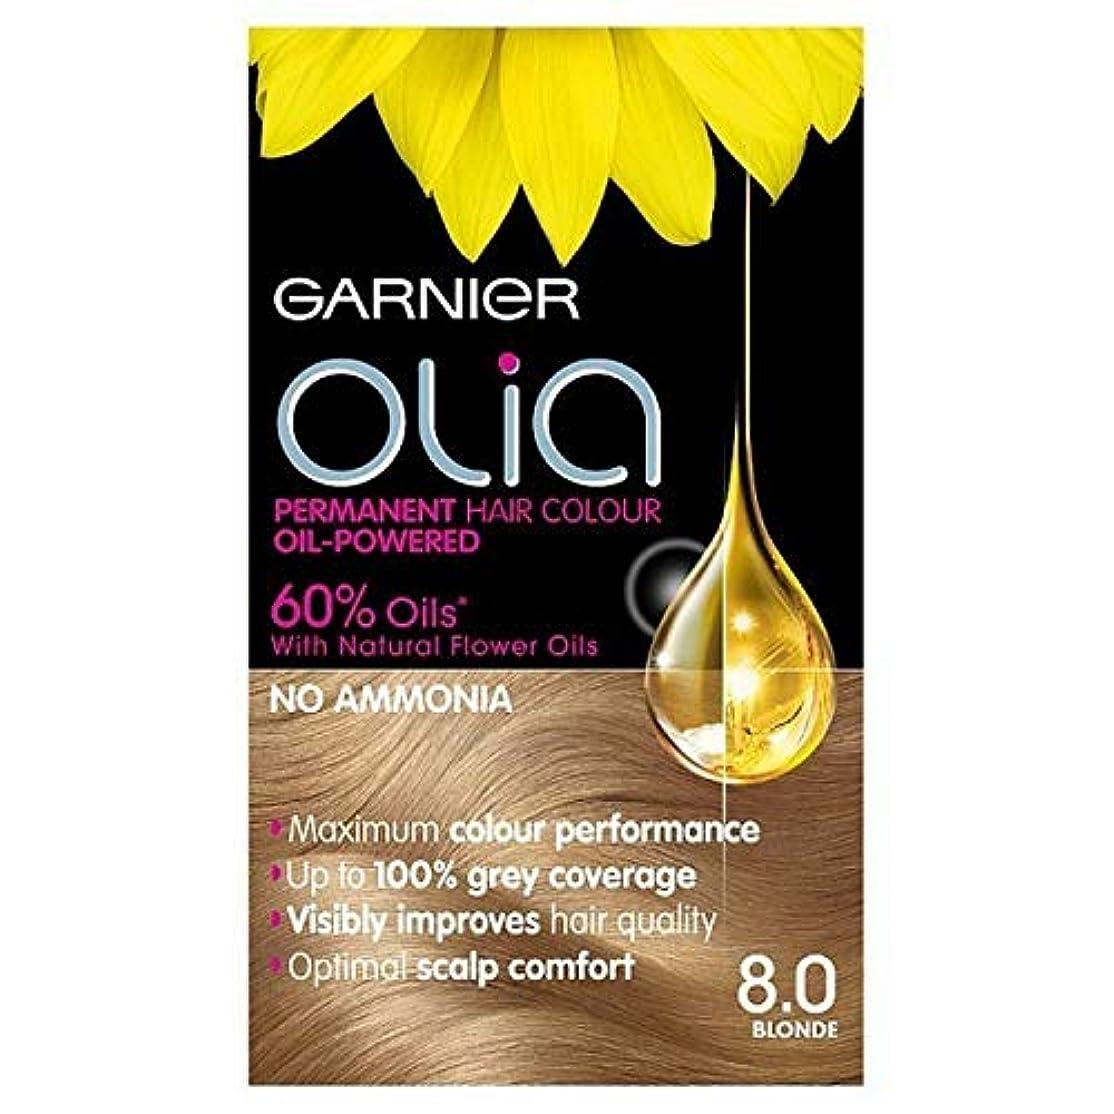 多様な車両リテラシー[Garnier ] 8.0ブロンドガルニエOliaパーマネントヘアダイ - Garnier Olia Permanent Hair Dye Blonde 8.0 [並行輸入品]